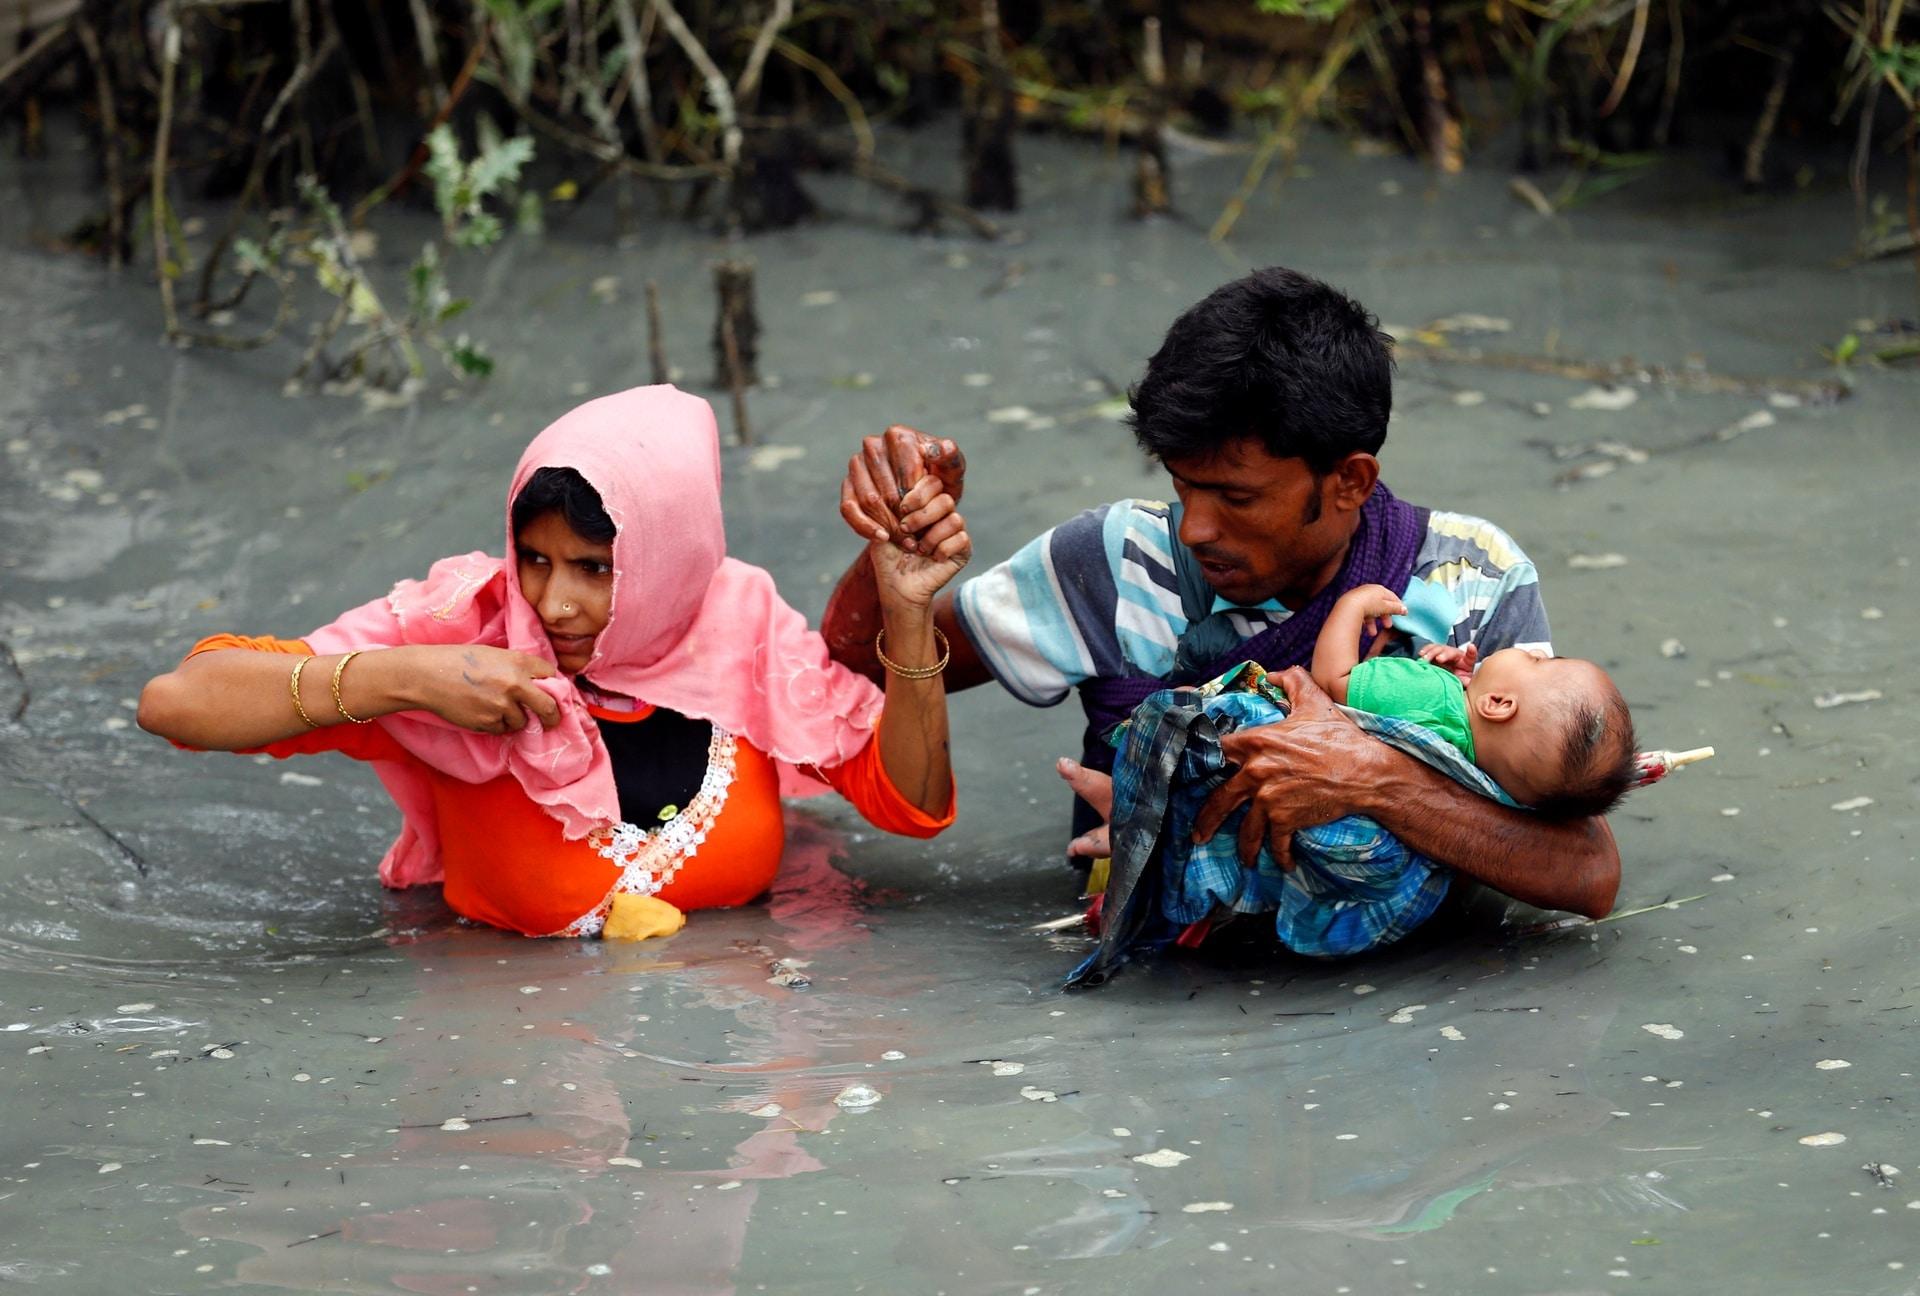 Una coppia di rifugiati rohingya attraversa il fiume Naf, in Bagladesh per fuggire dalle persecuzioni dei militari birmani.